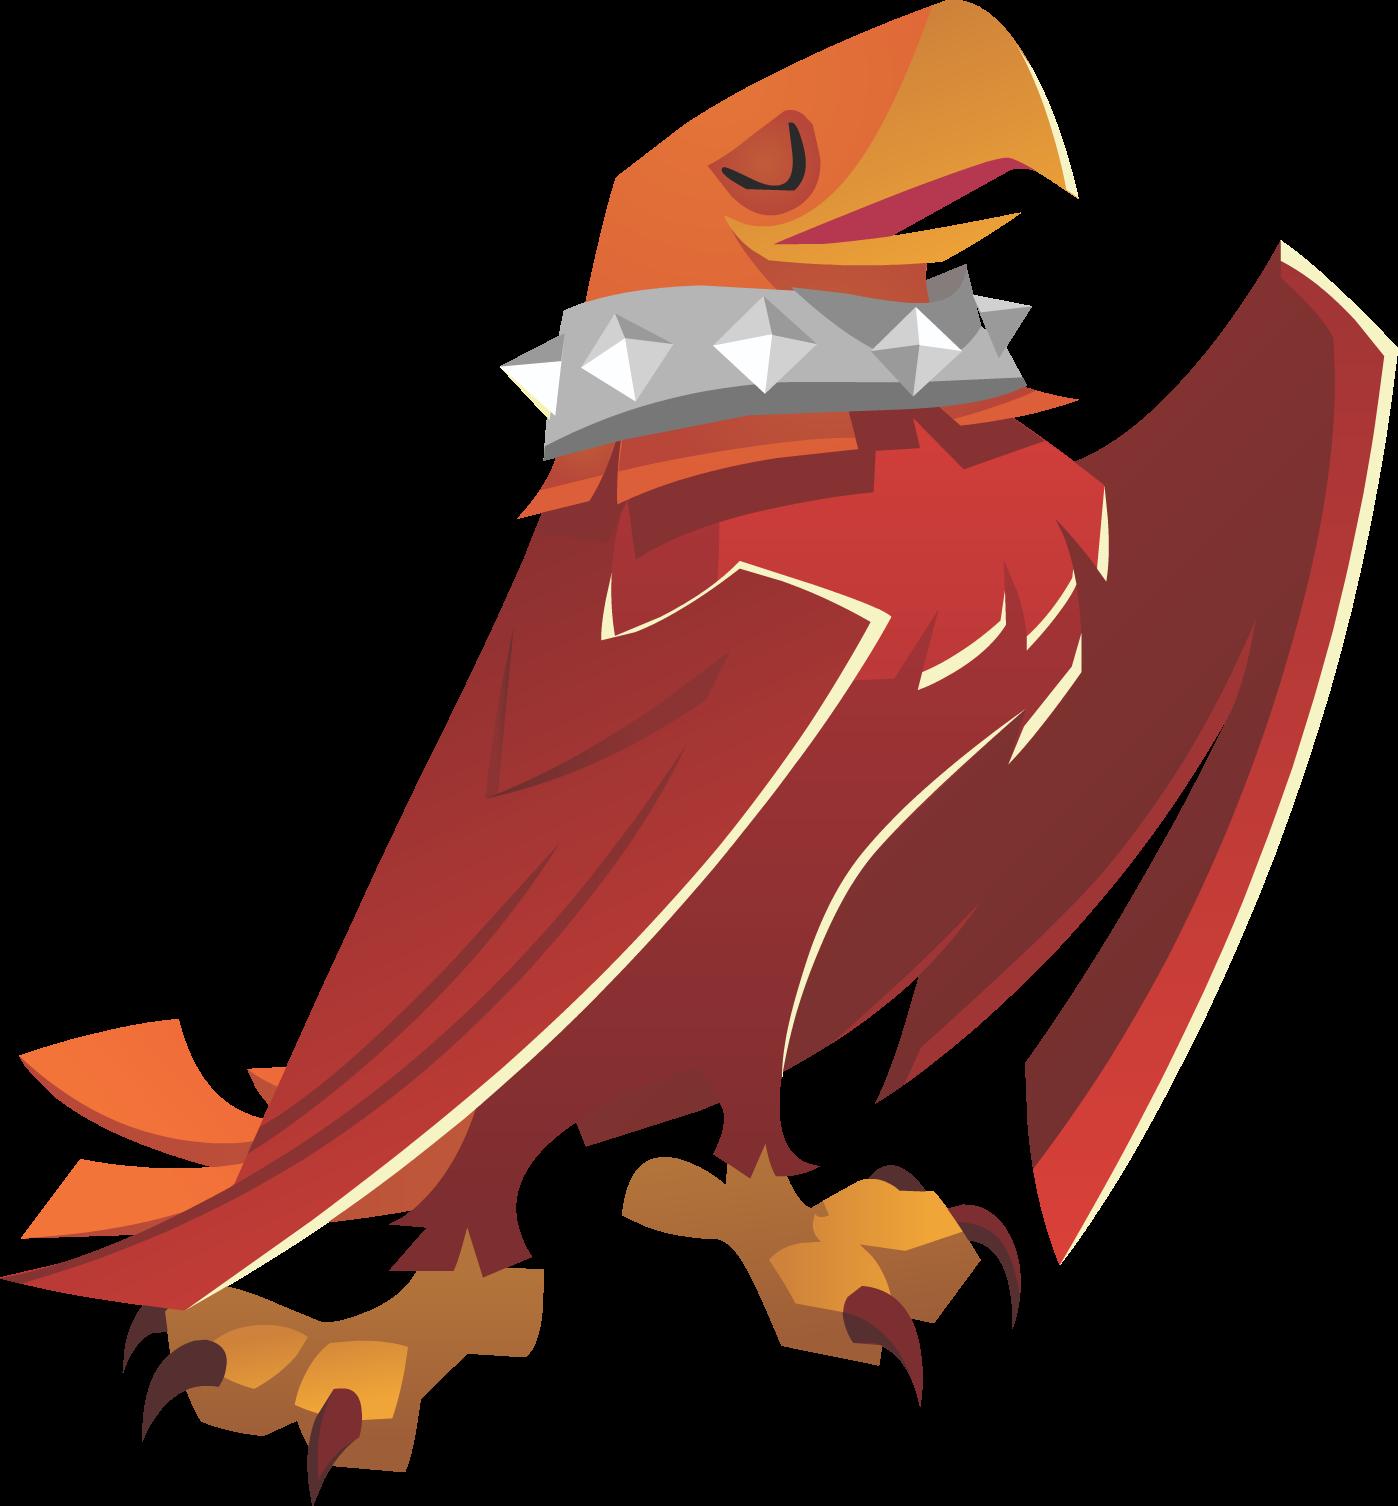 Image spike png animal. Eagles clipart desert eagle